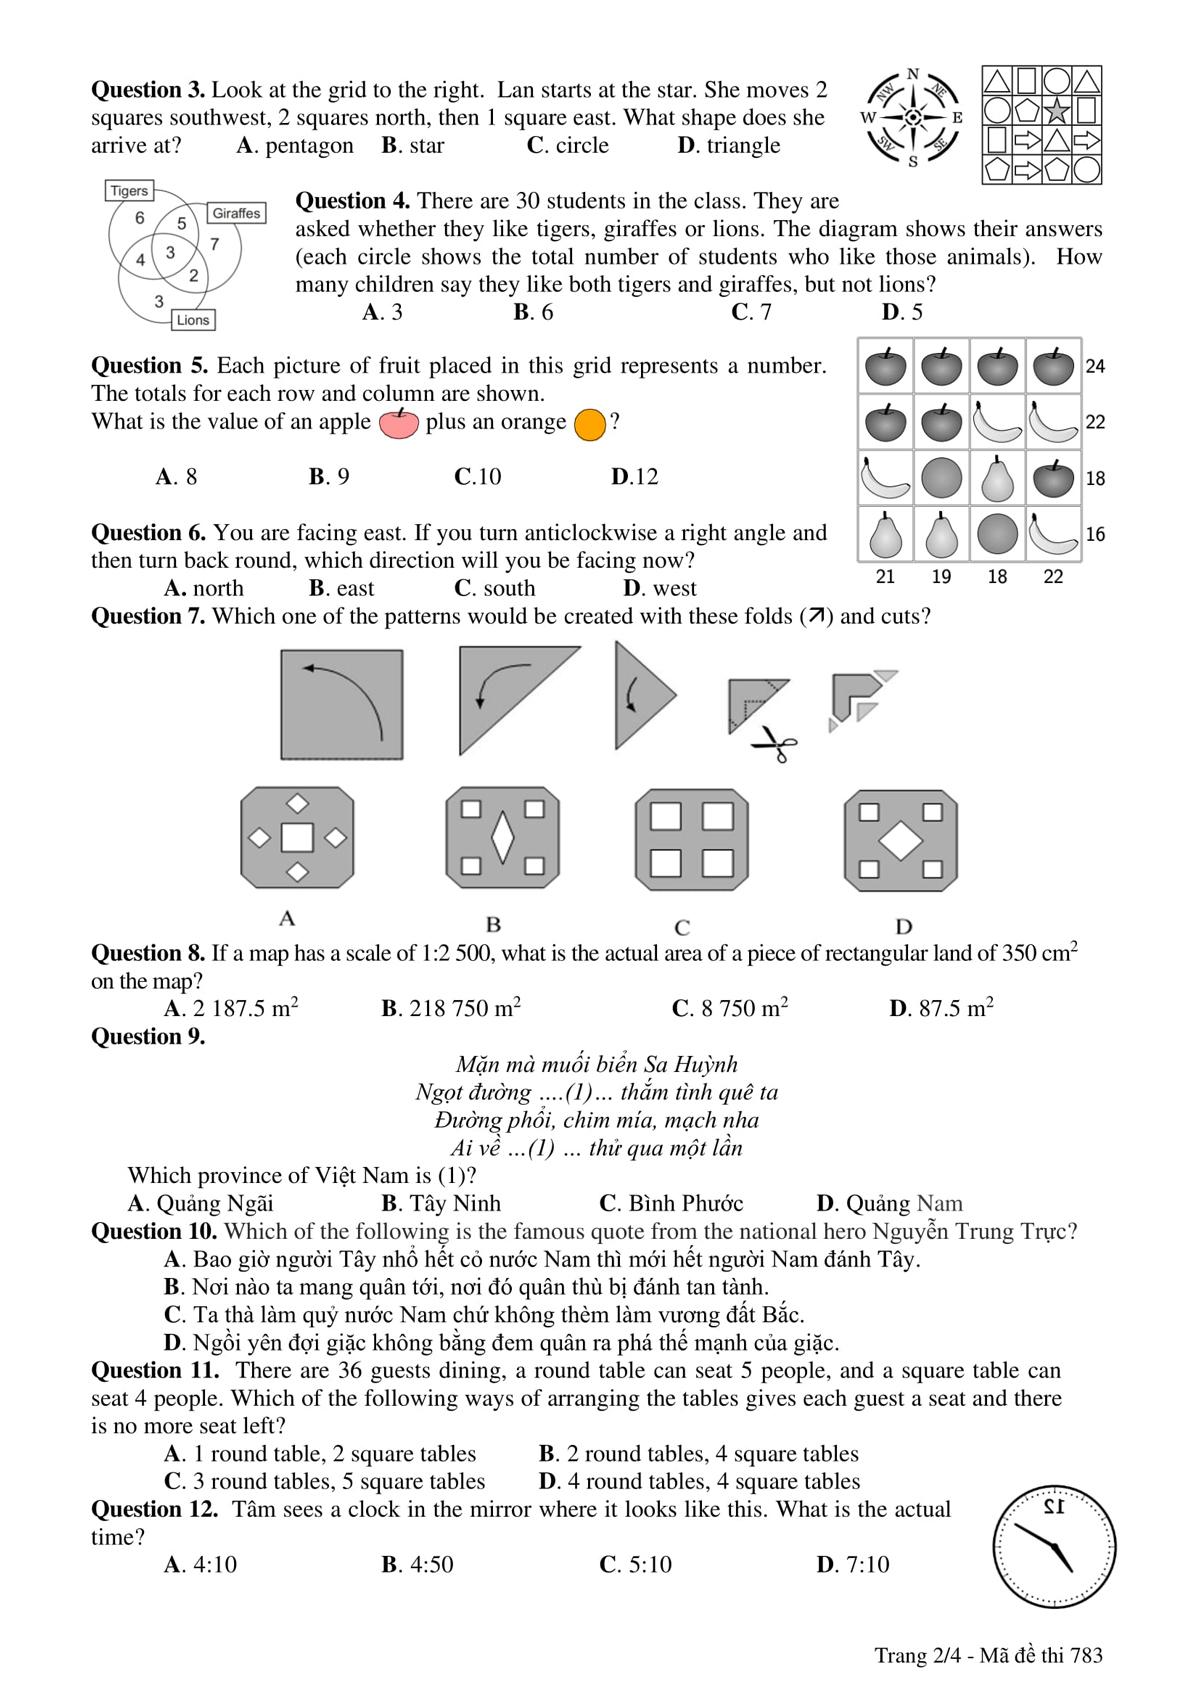 Đề và đáp án bài thi vào lớp 6 trường THPT chuyên Trần Đại Nghĩa - 5